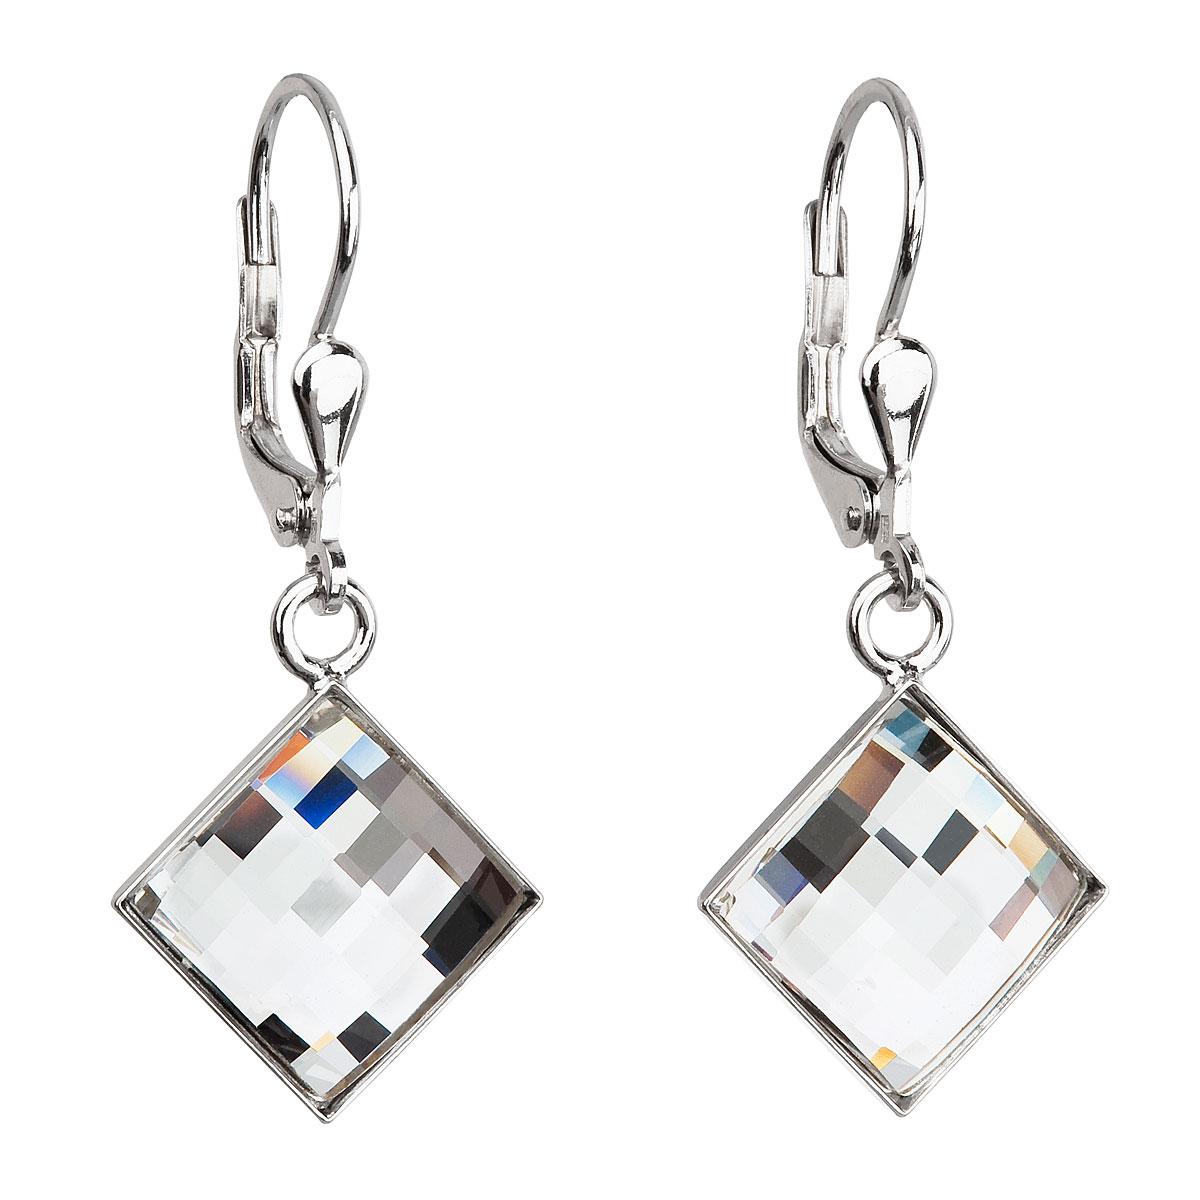 Evolution Group Stříbrné náušnice visací s krystaly Swarovski bílé  kosočtverec 31158.1 6c2a38f28f